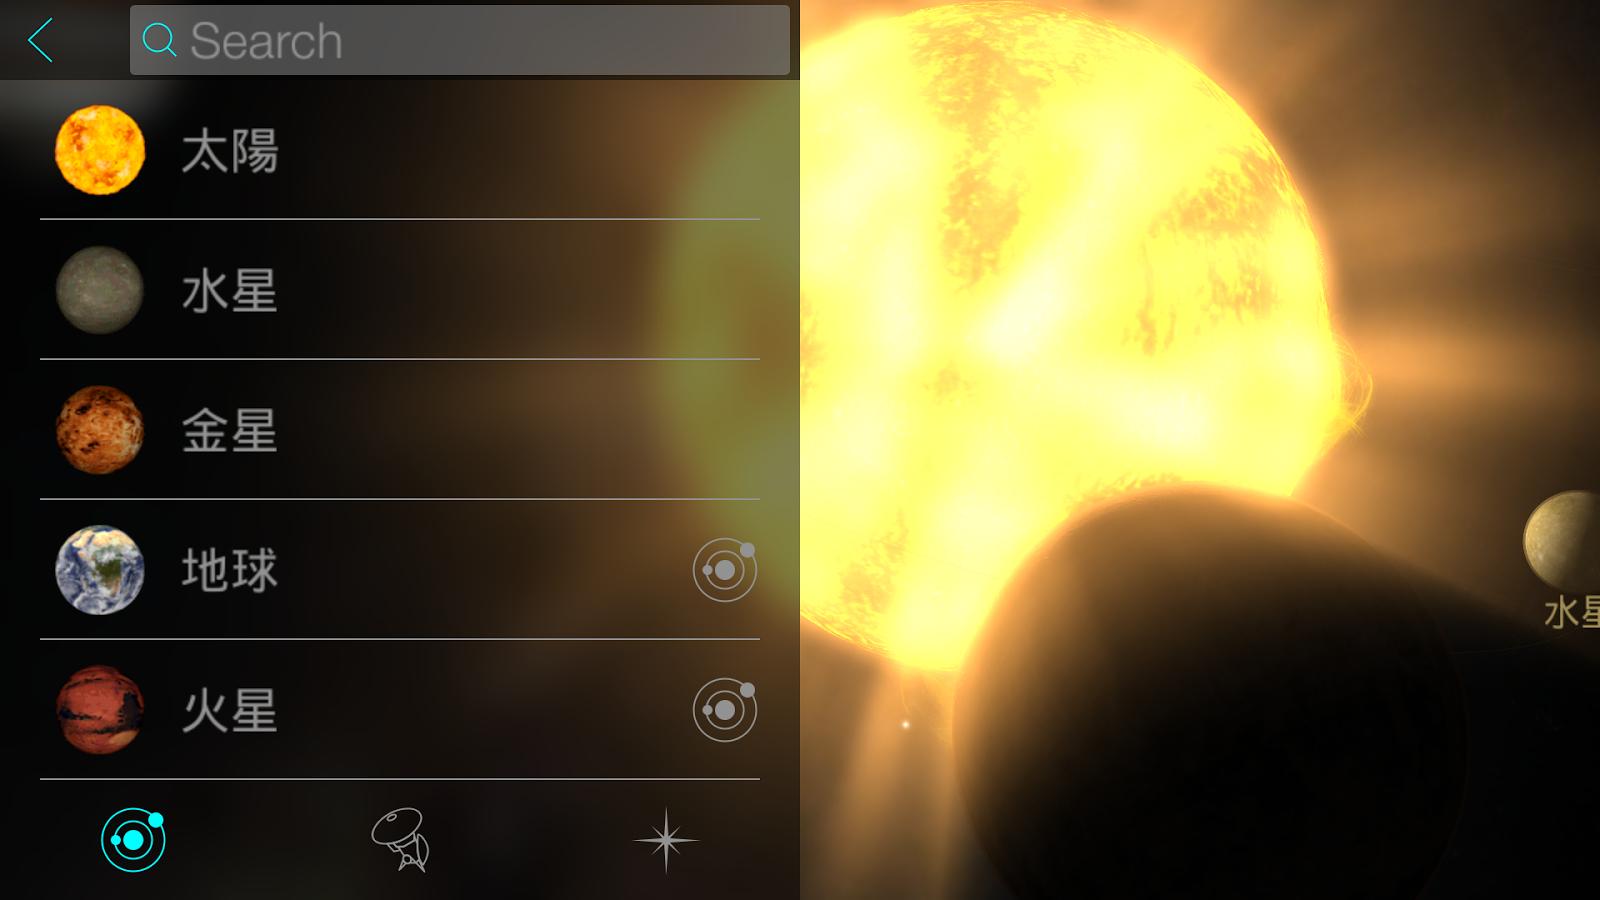 太陽系の惑星と衛星の発見の年表 - Timeline of discovery of Solar System planets and their moons